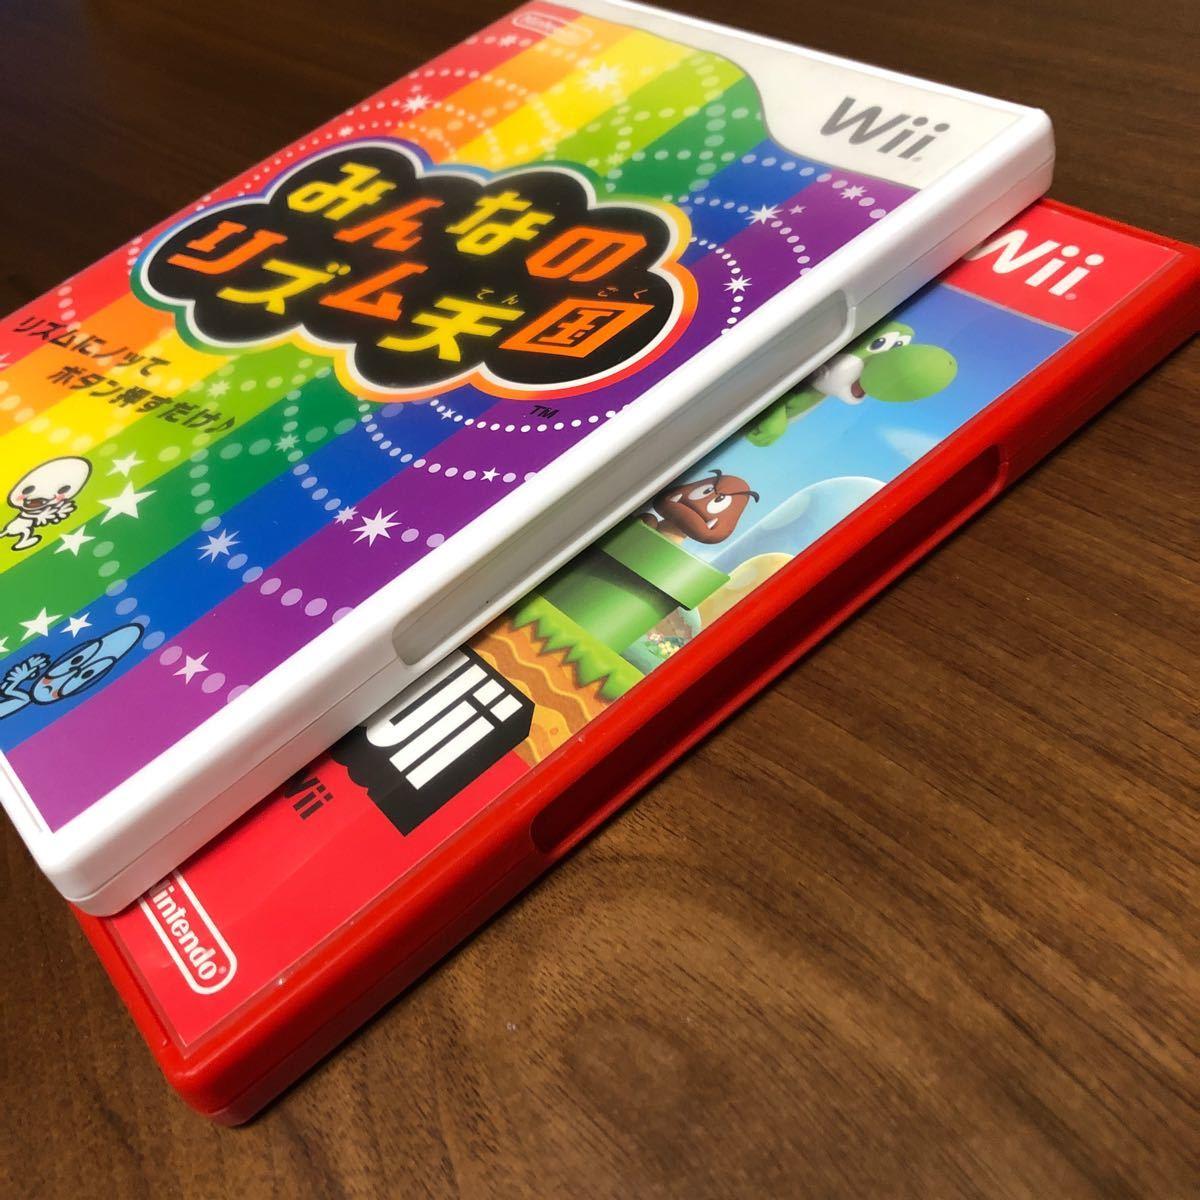 【Wii】 みんなのリズム天国 スーパーマリオブラザーズ